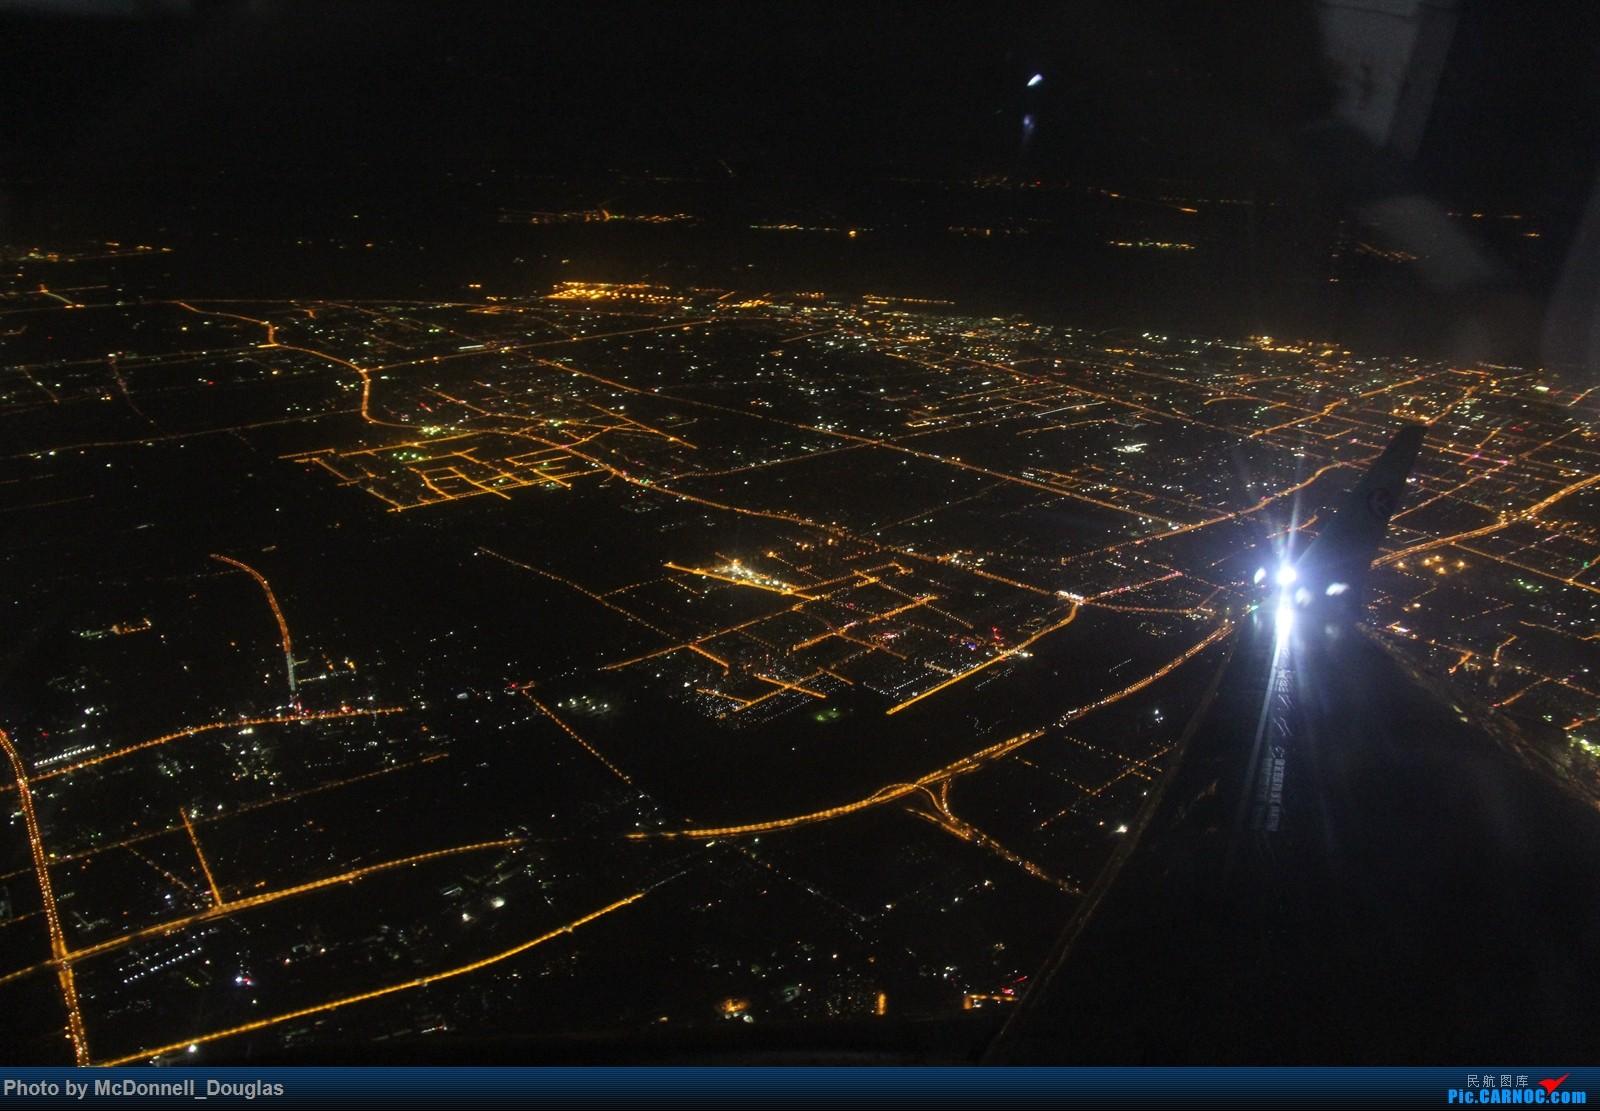 Re:[原创]【上海飞友会】迟来的游记,这么短的夜航纯是为了刷航段的呀 ZSPD-ZSNJ viaCES2882 小飞机有奖必回 AIRBUS A319-132 B-6456